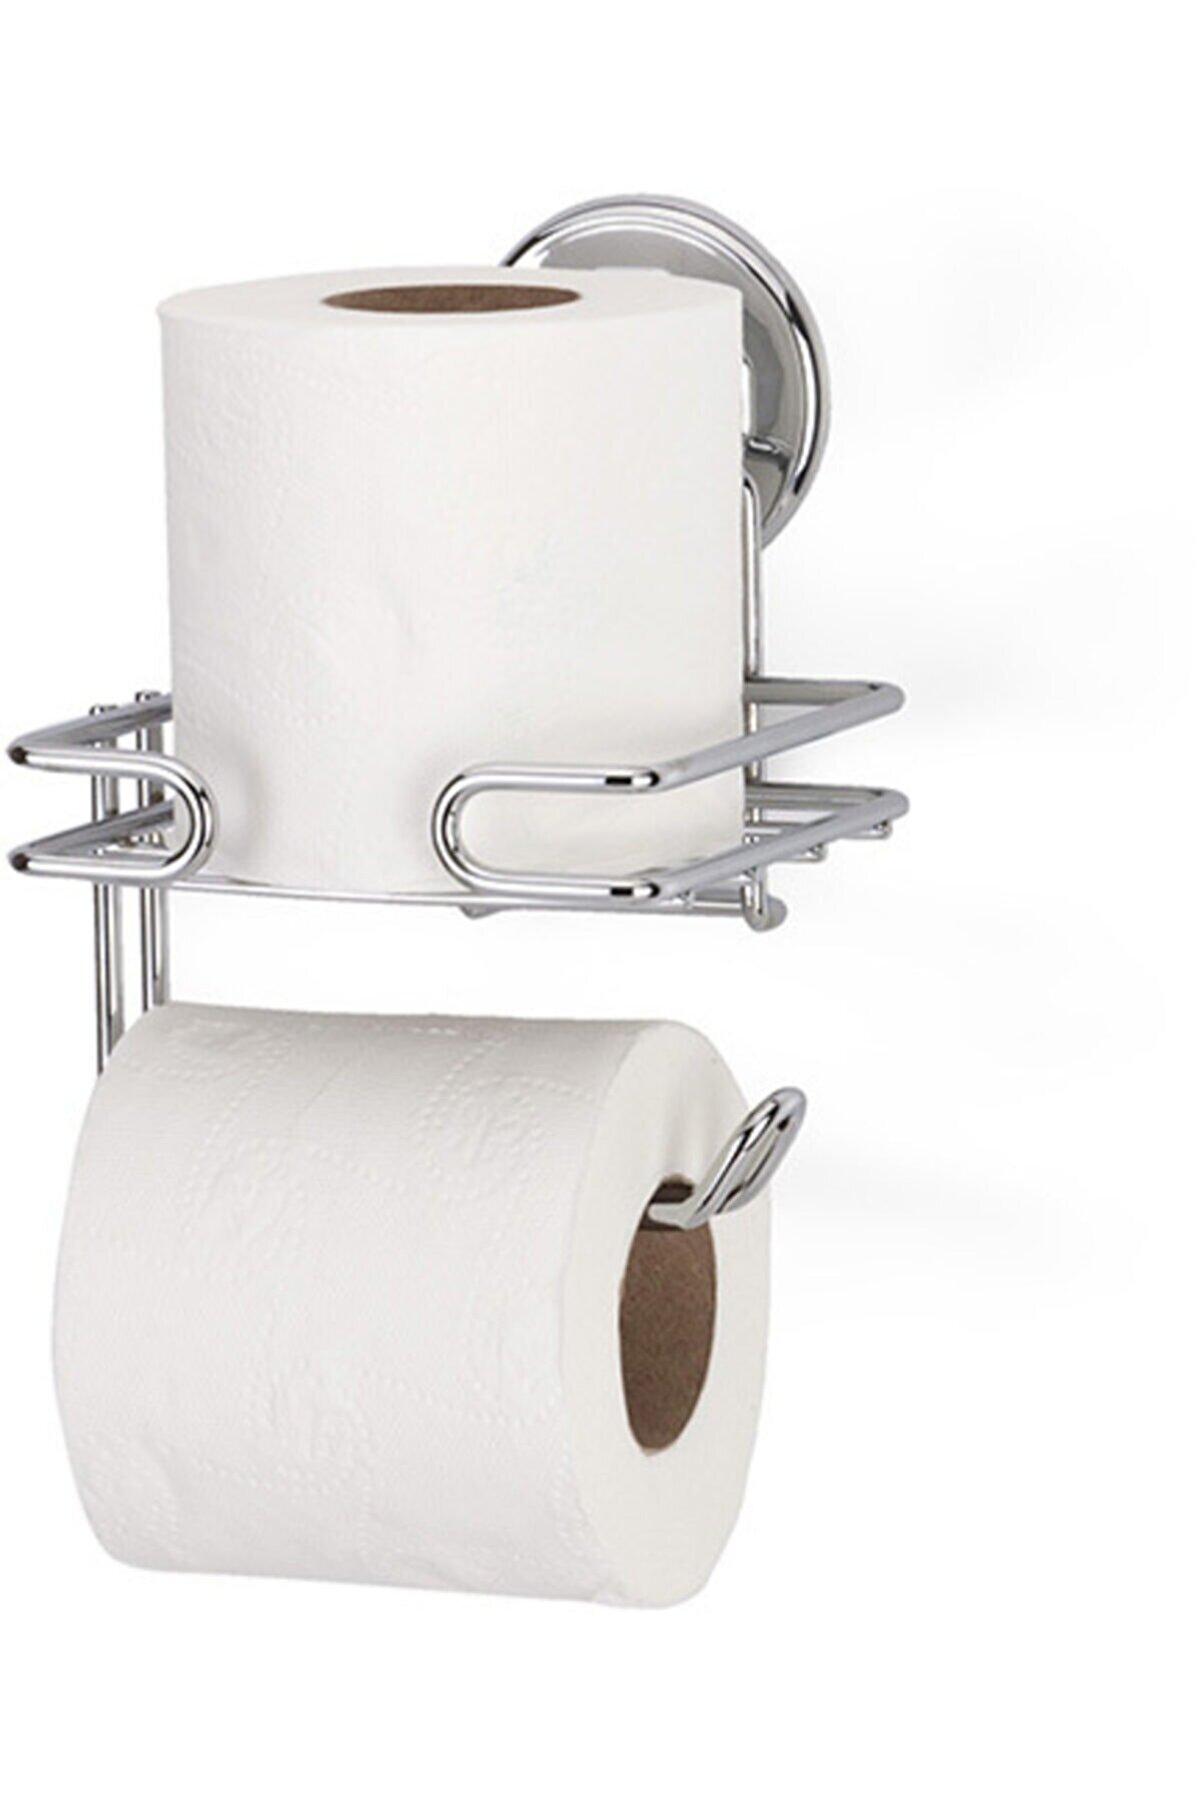 Teknotel Tuvalet Kağıtlığı Tuvalet Kağıdı Aparatı Yedekli Kağıtlık Vakumlu